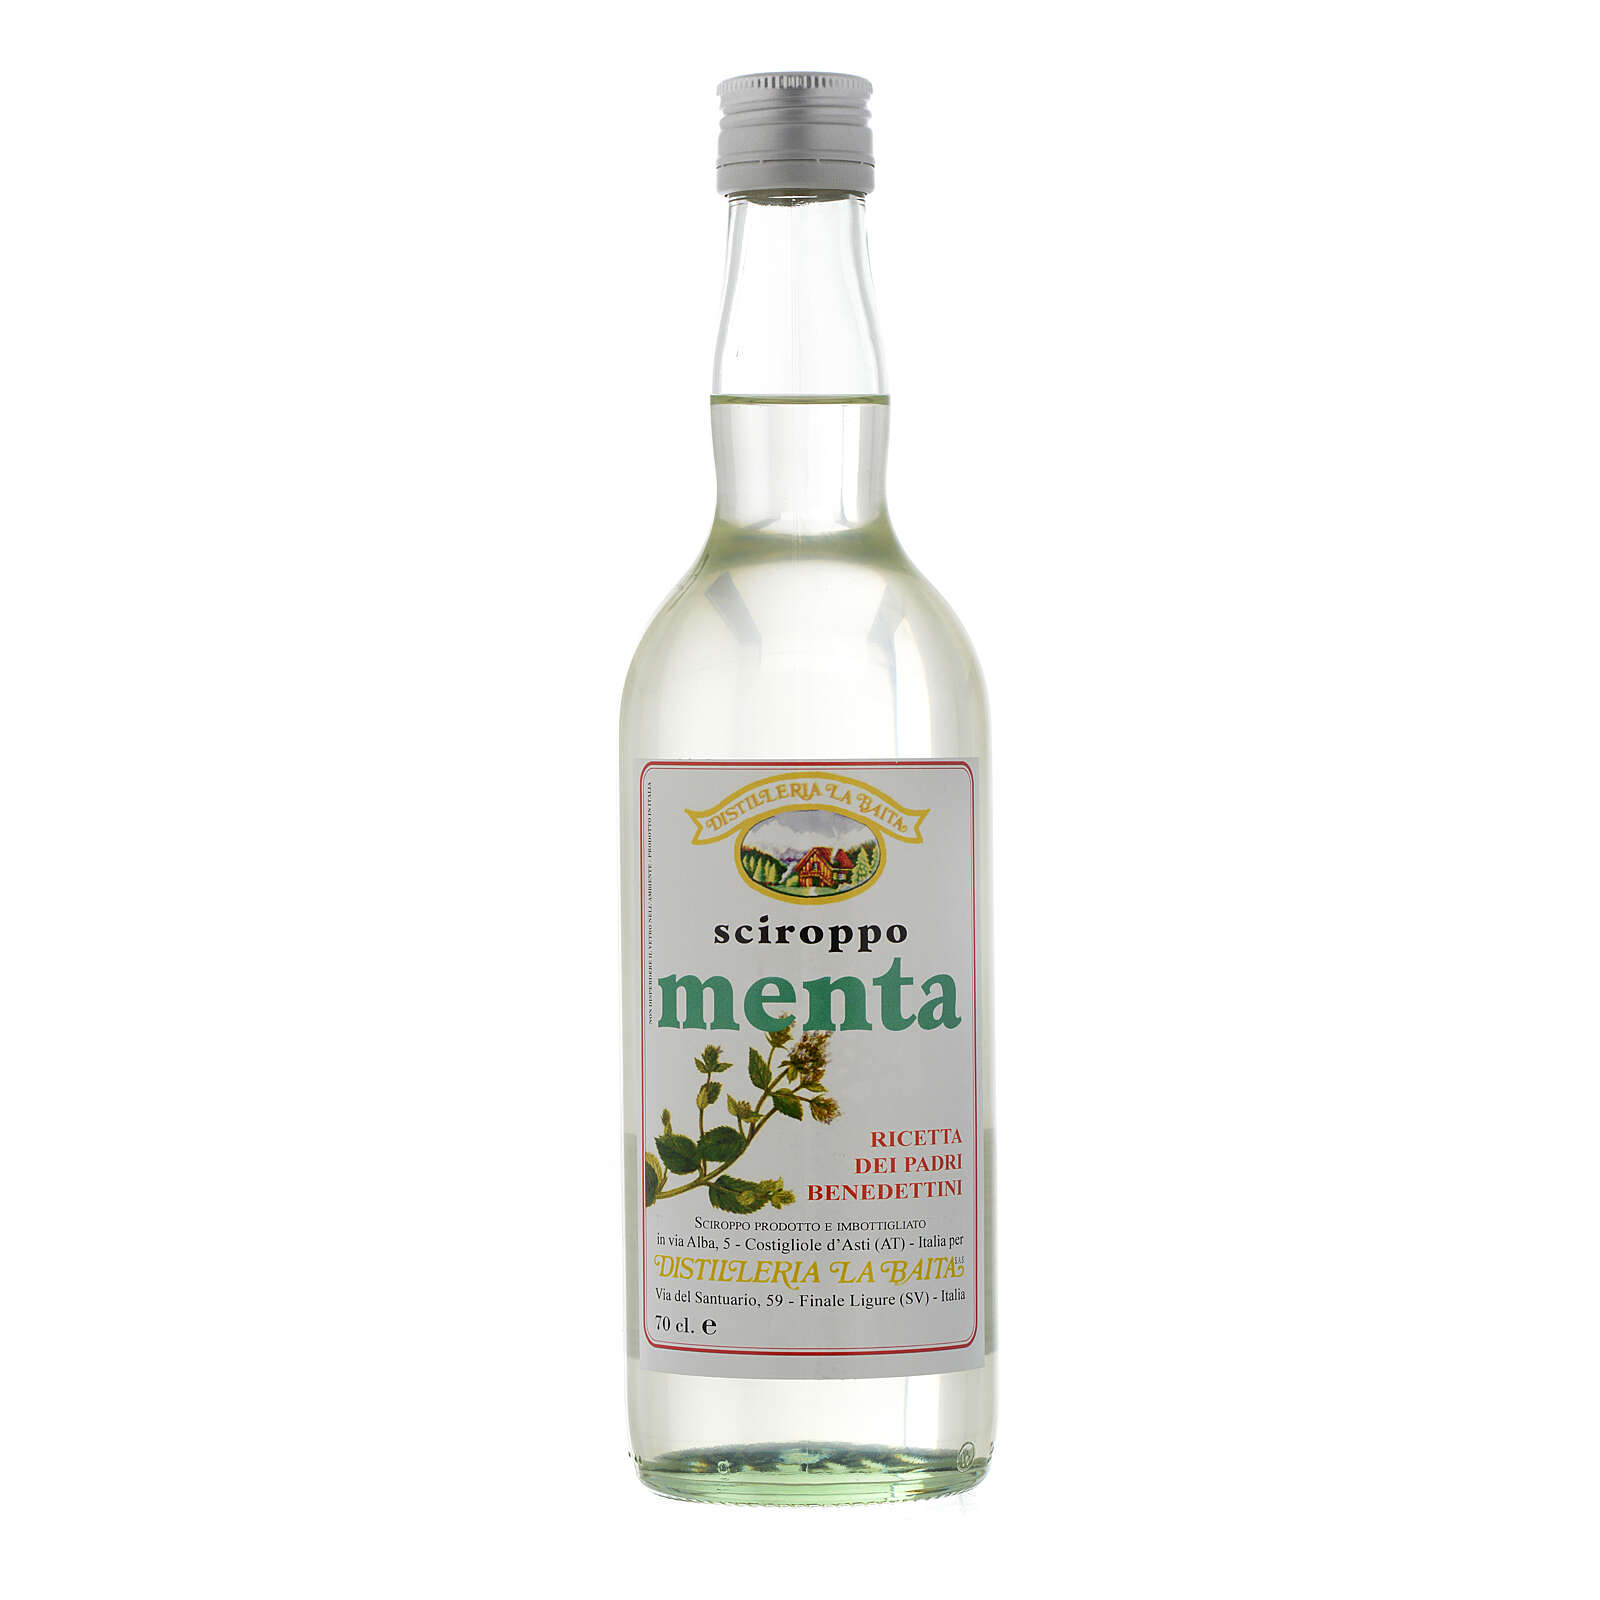 Jarabe infuso al gusto de menta 700 ml Finale Ligure 3